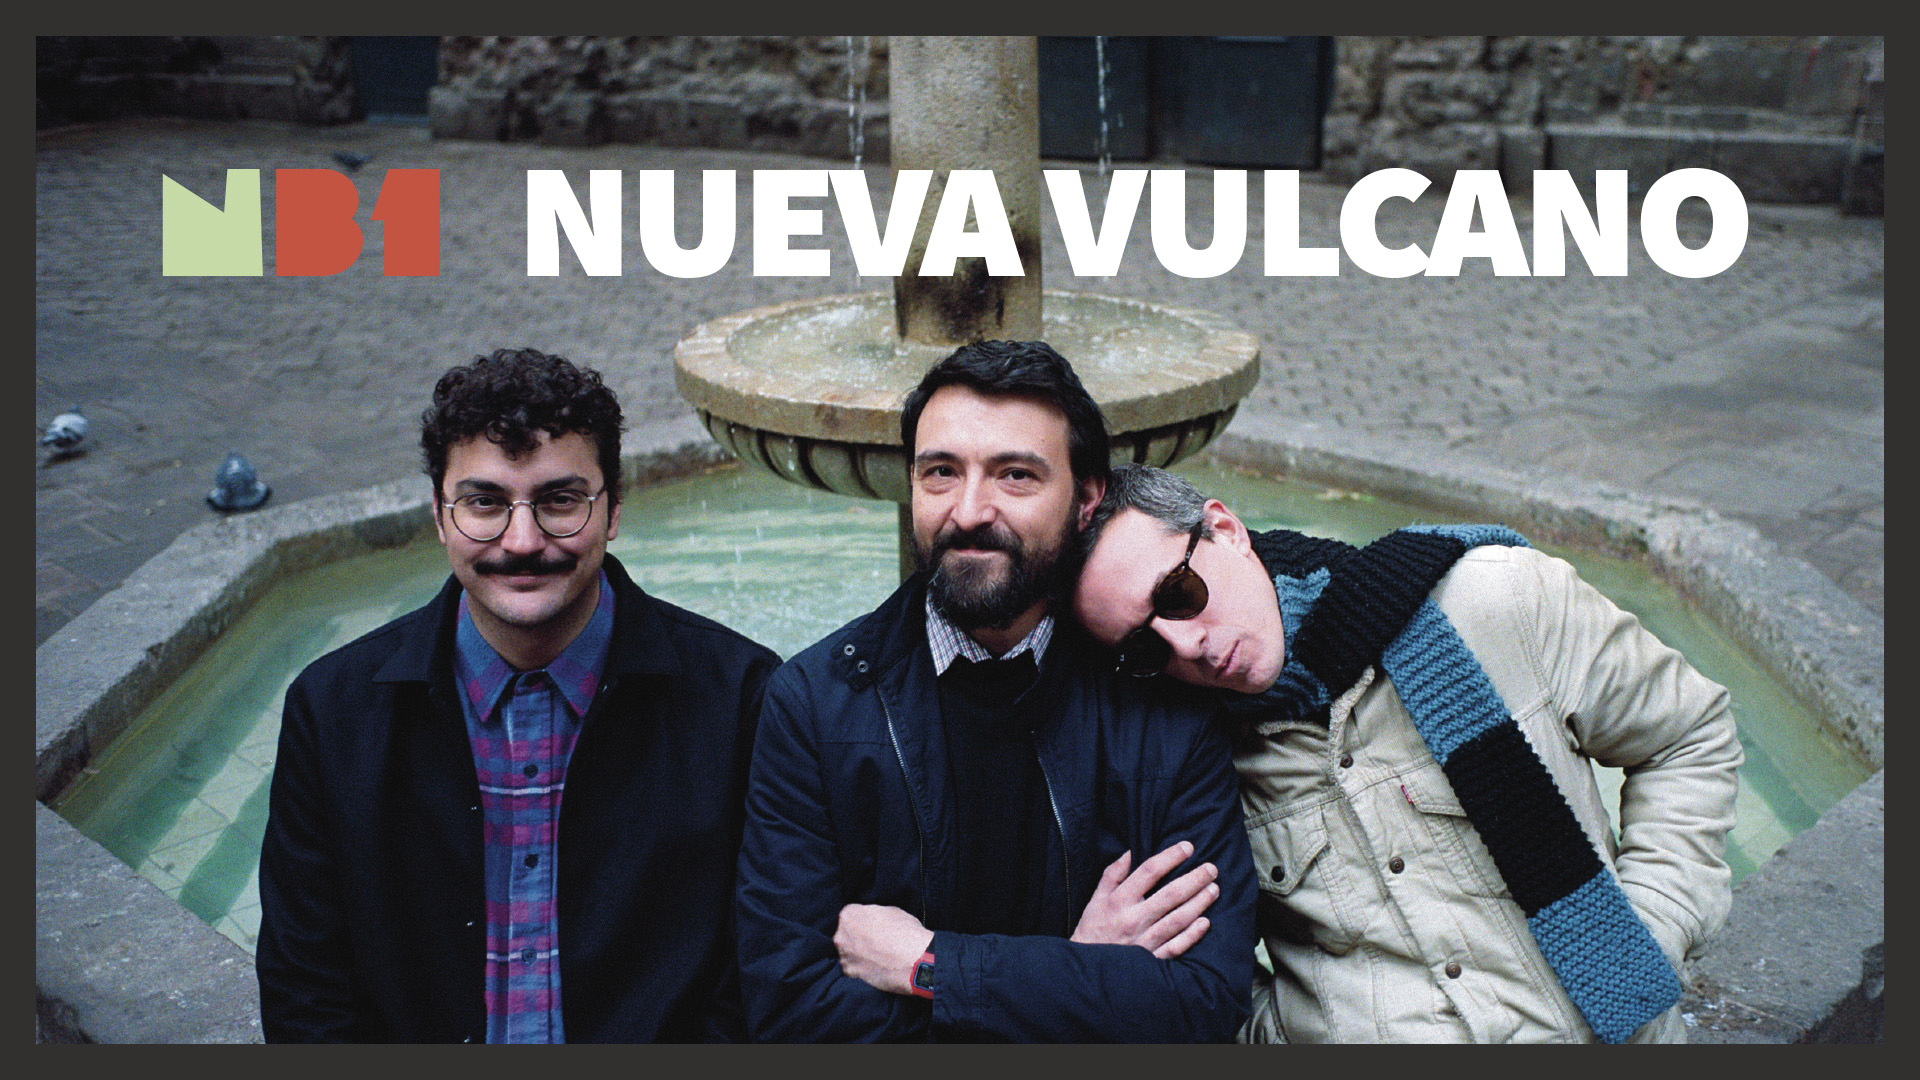 NauB1-Diapos-NuevaVulcano